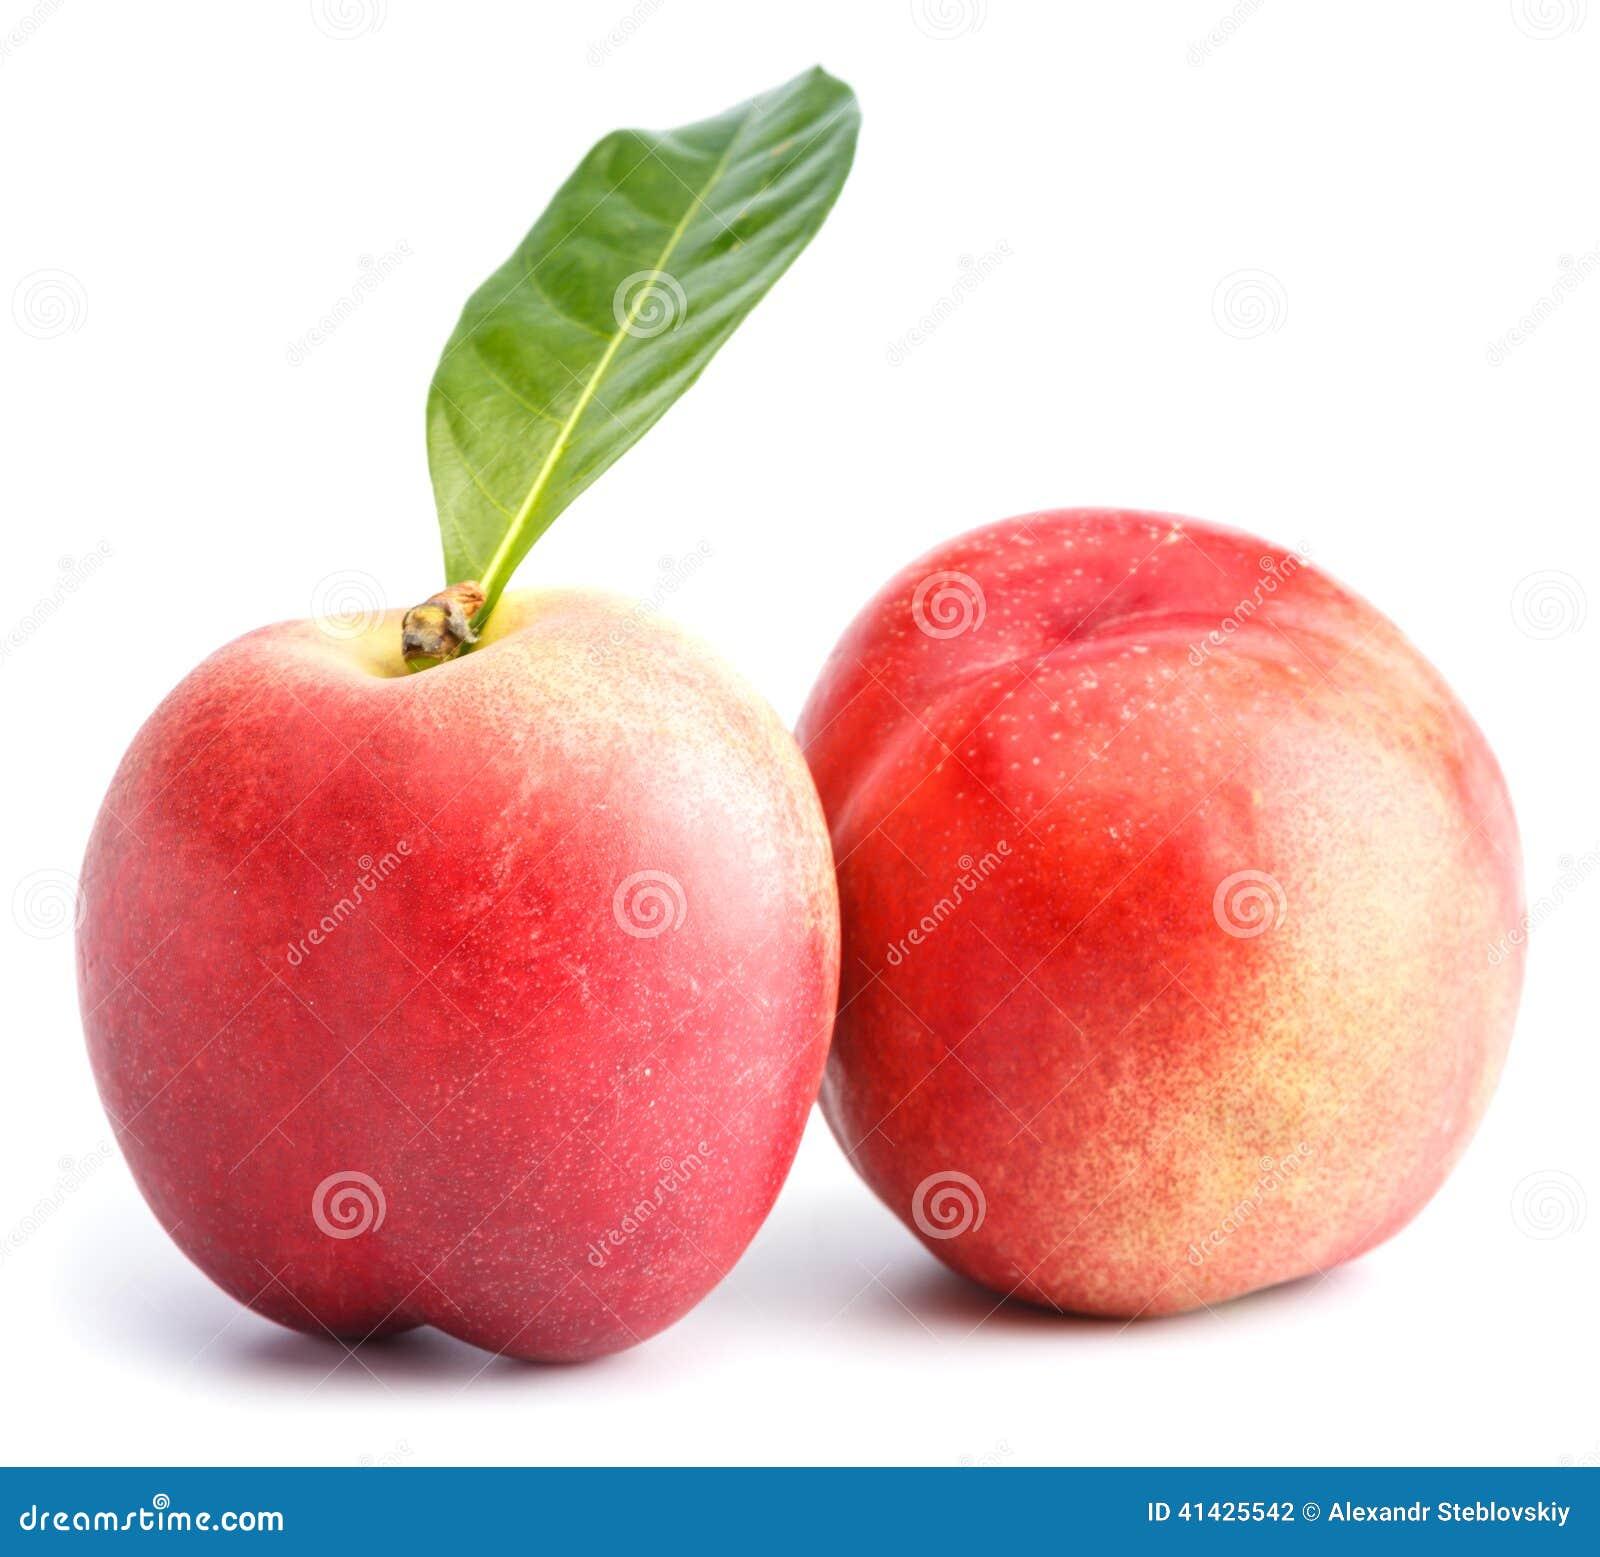 Peach ripe